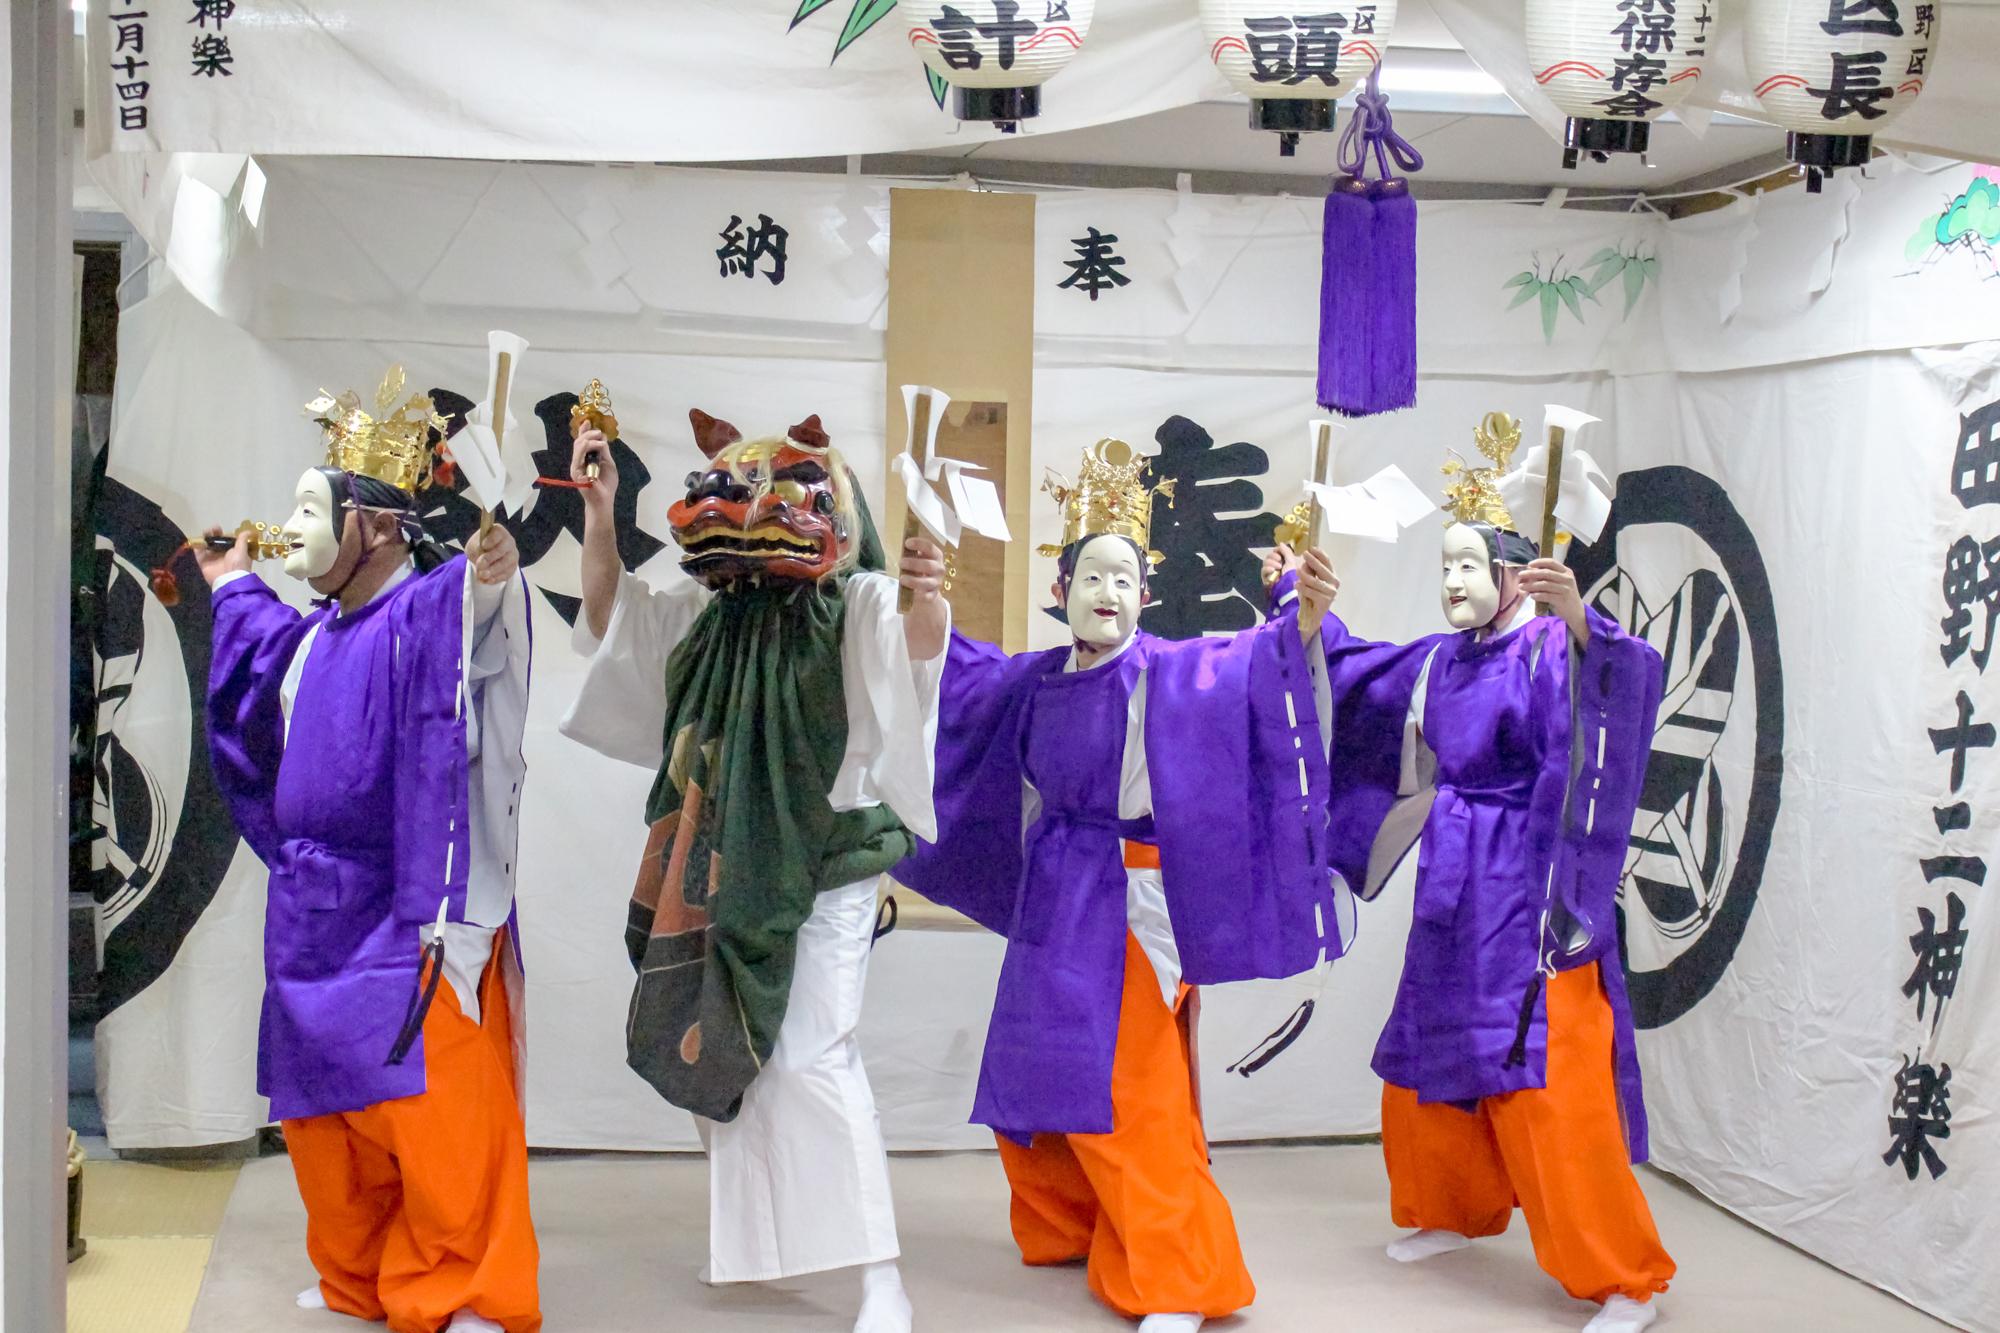 田野十二神楽(山梨県指定 無形民俗文化財) 甲州市 祭り 1